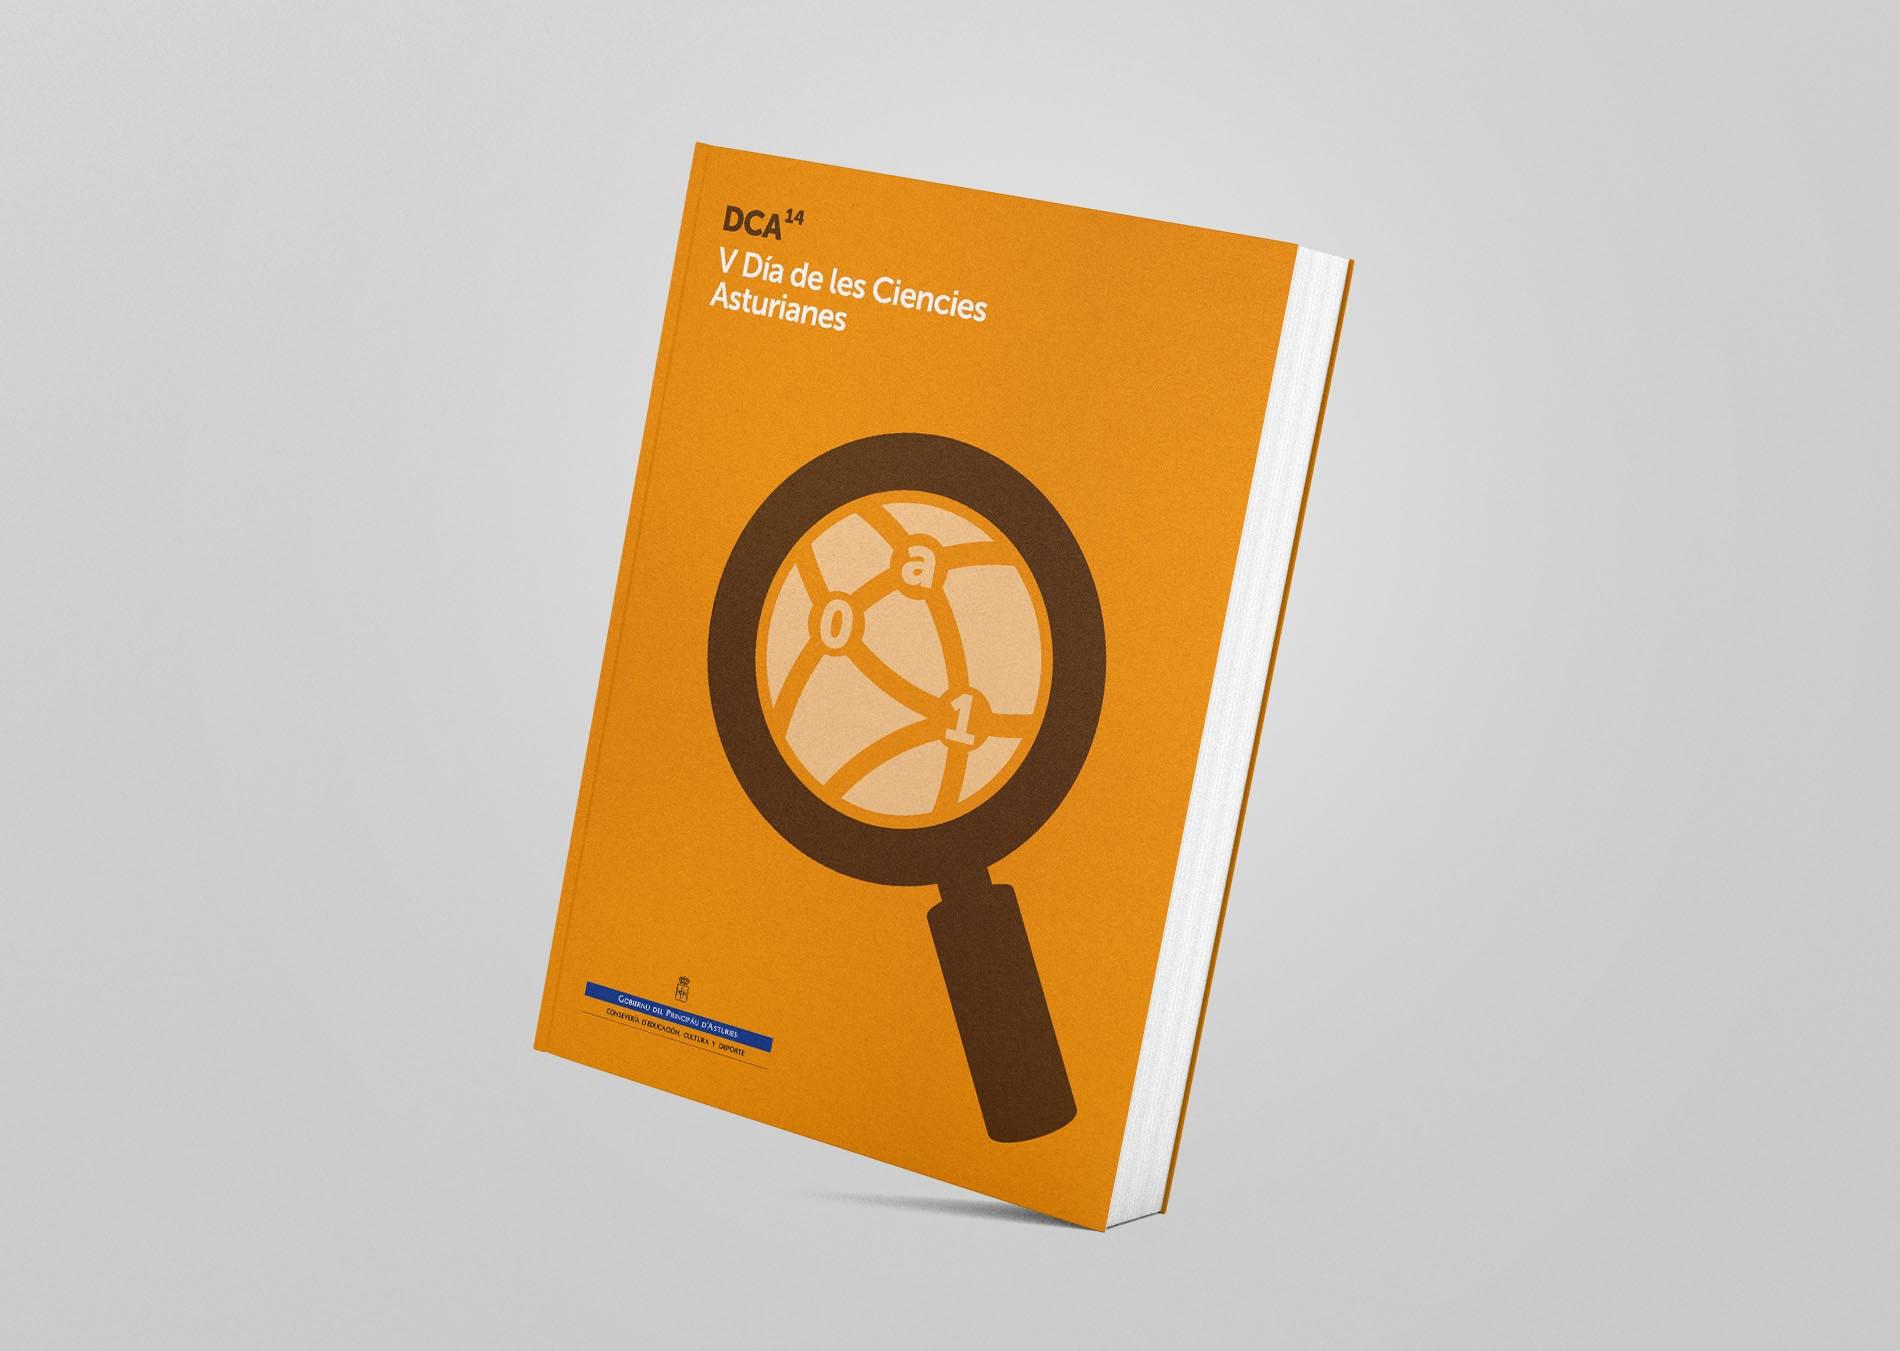 Portada en asturiano del libro para el V Día de les Ciencies Asturianes